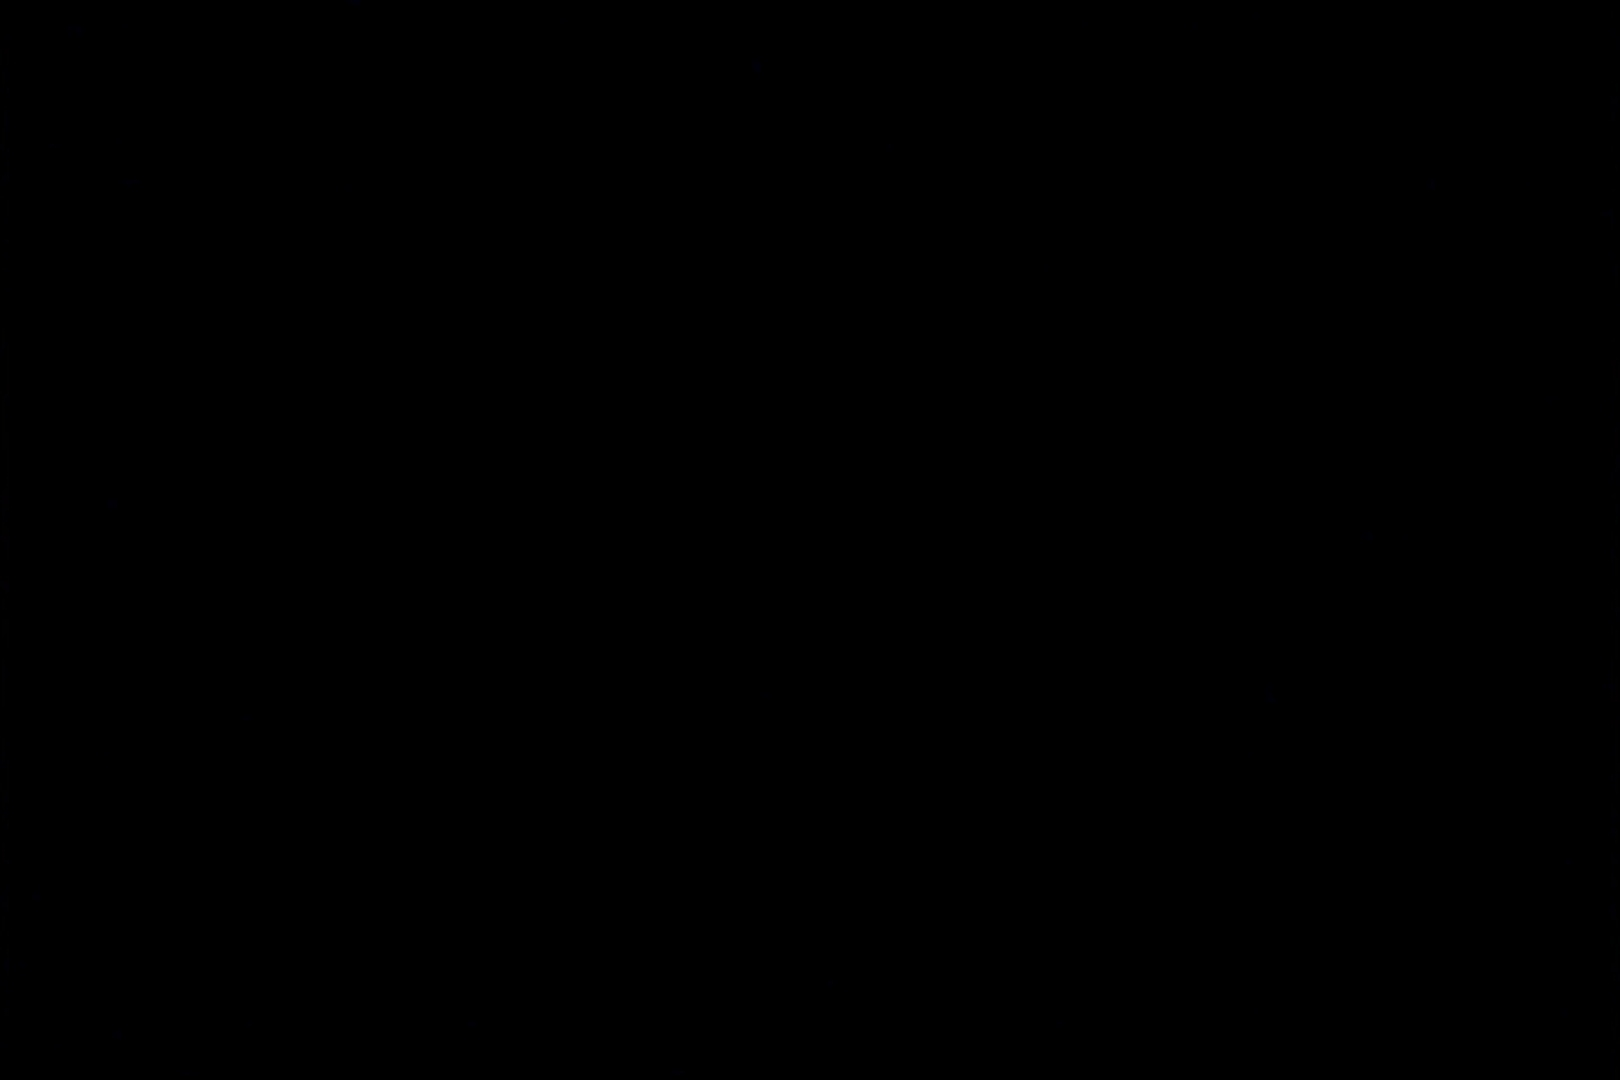 亀さんかわや VIPバージョン! vol.38 無修正マンコ エロ画像 111連発 51